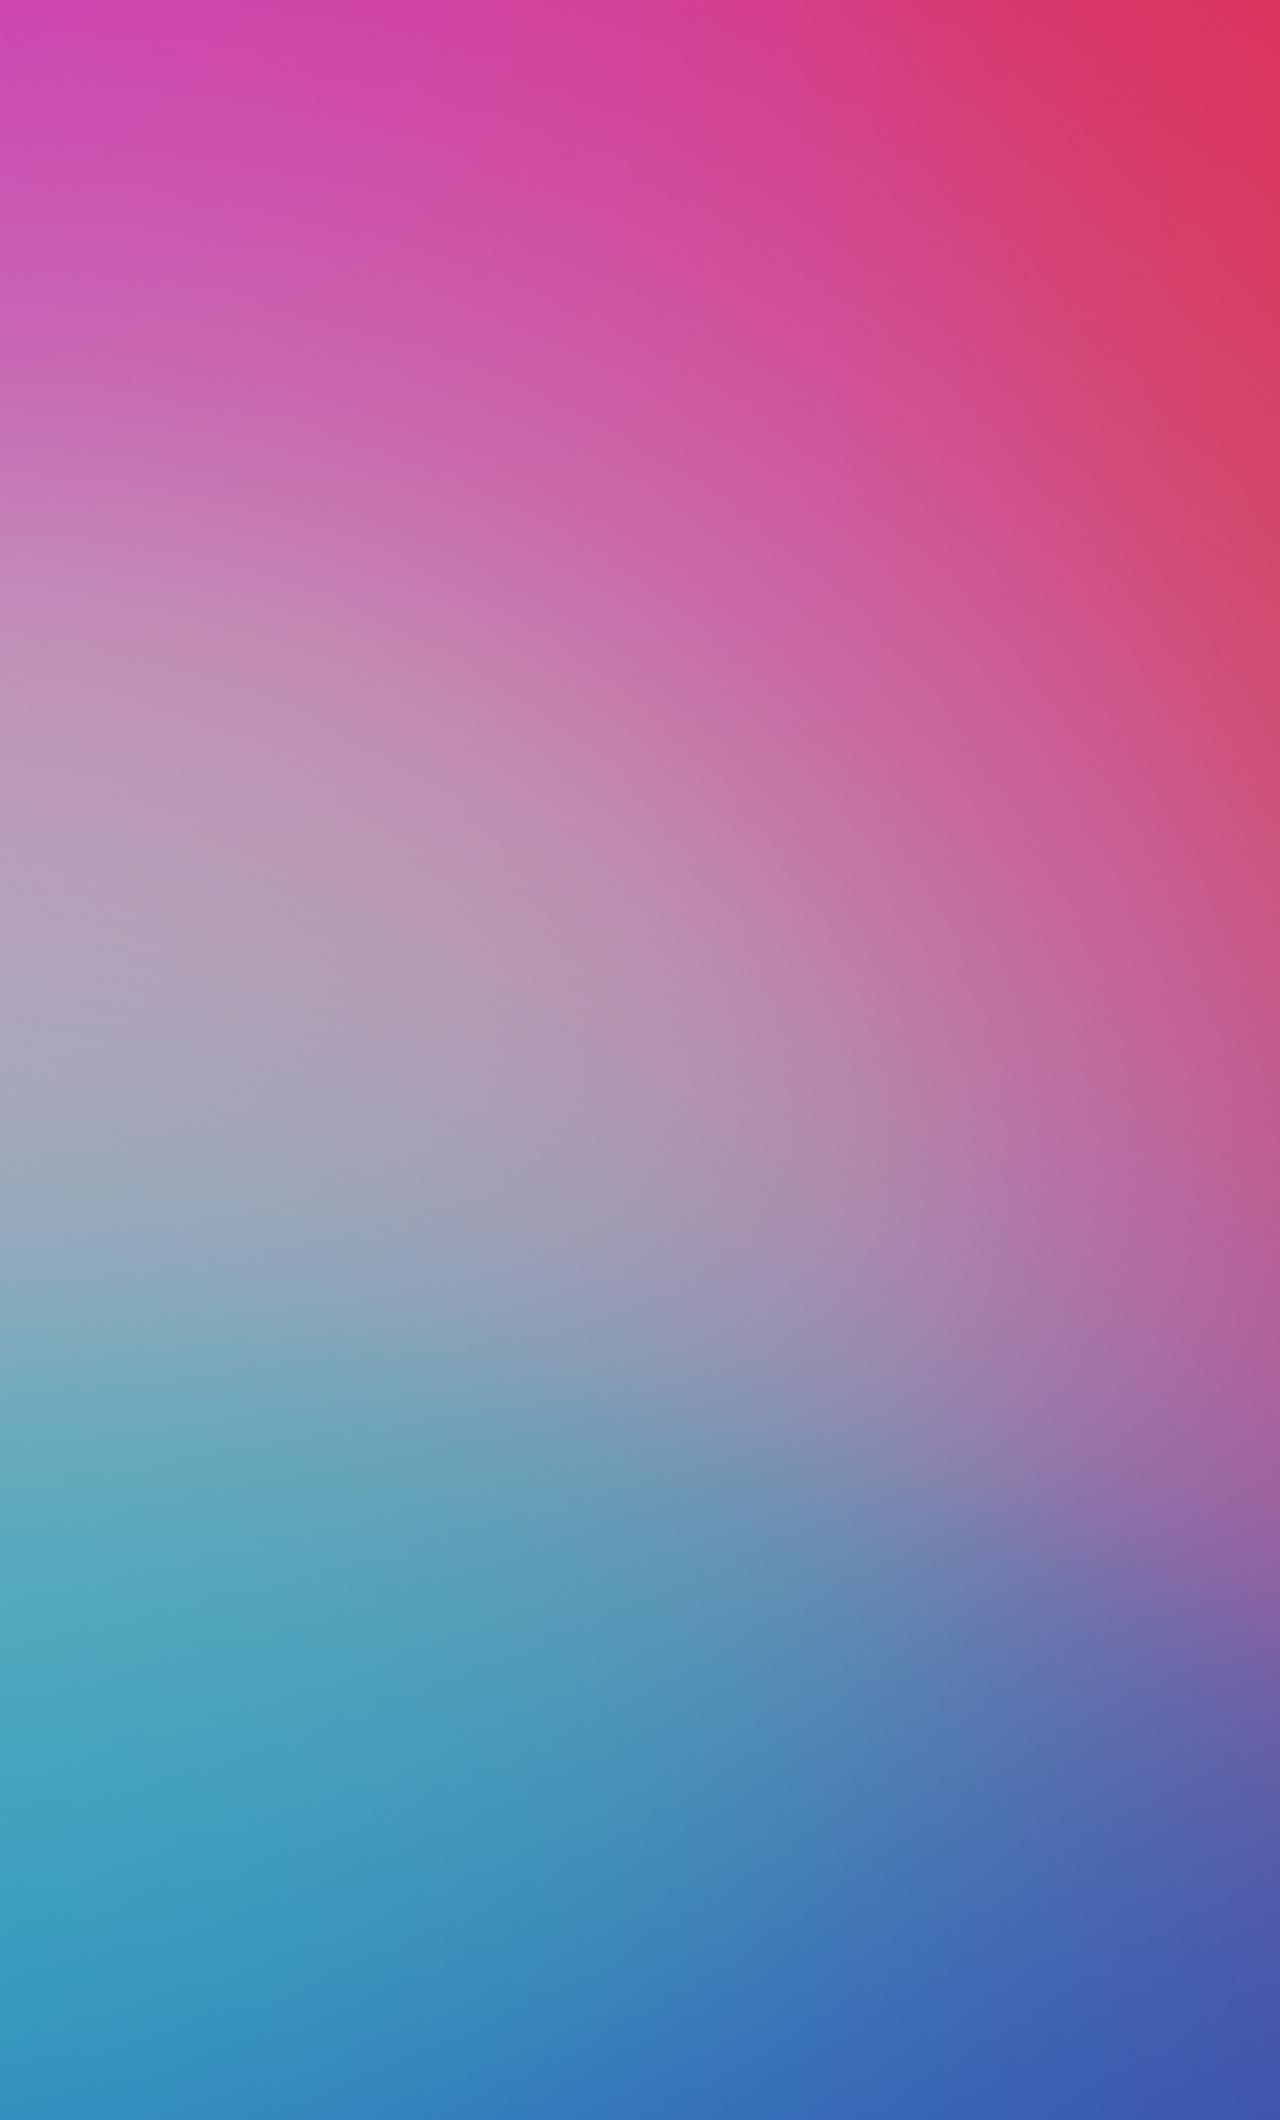 Download Blur gradient vibrant colors vivid digital art 1280x2120